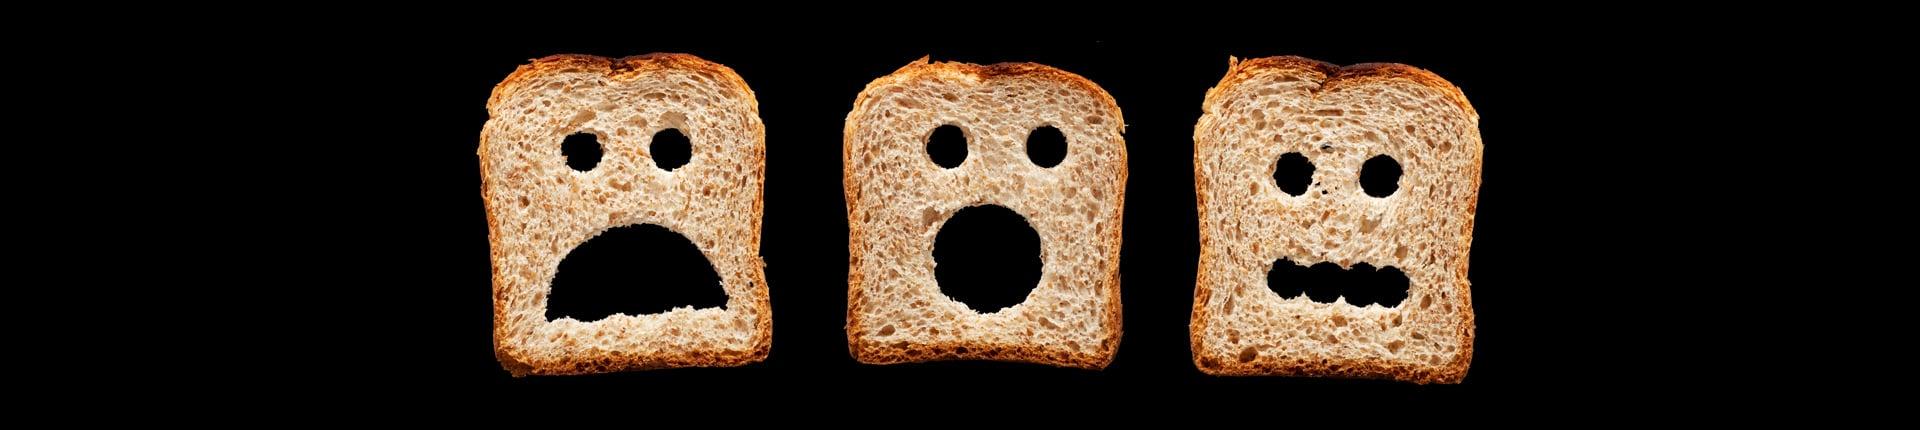 Glutenowa fobia